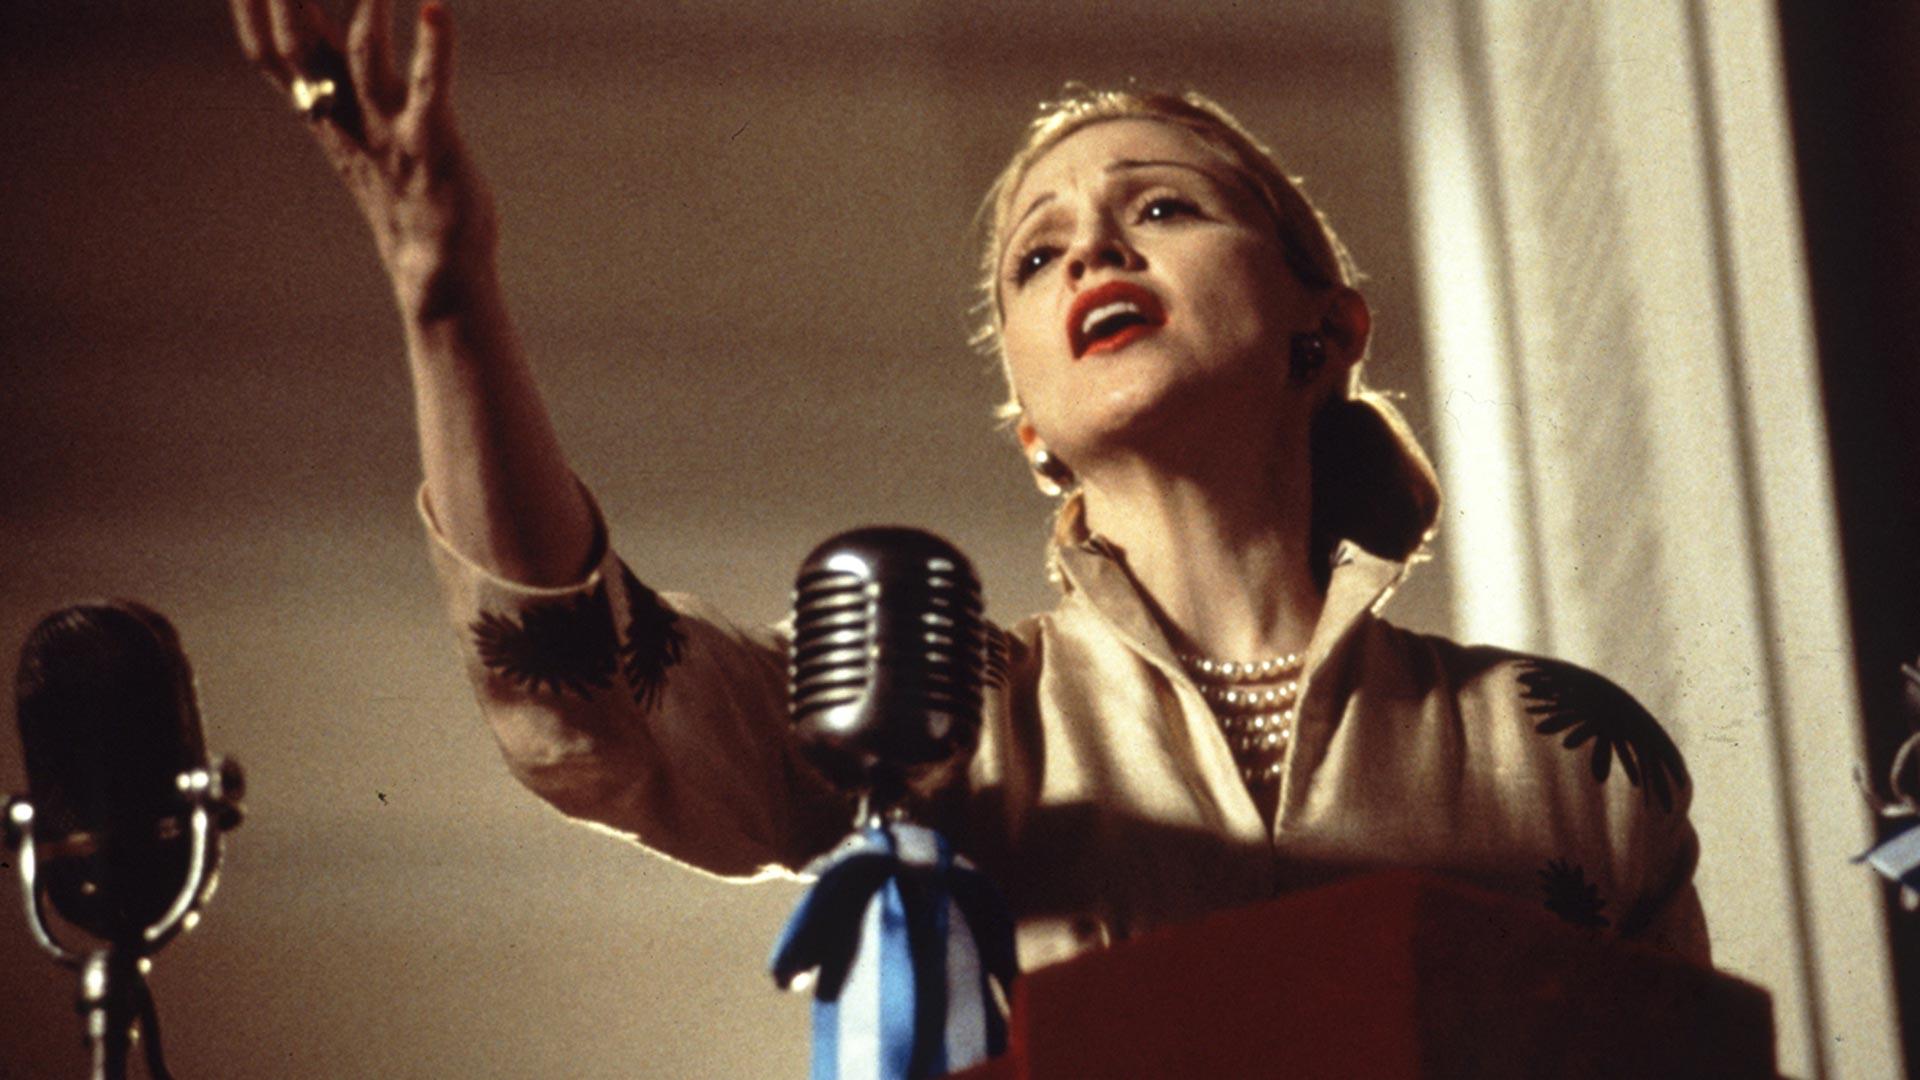 La actuaciónle valió su primer Globo de Oro como mejor actriz